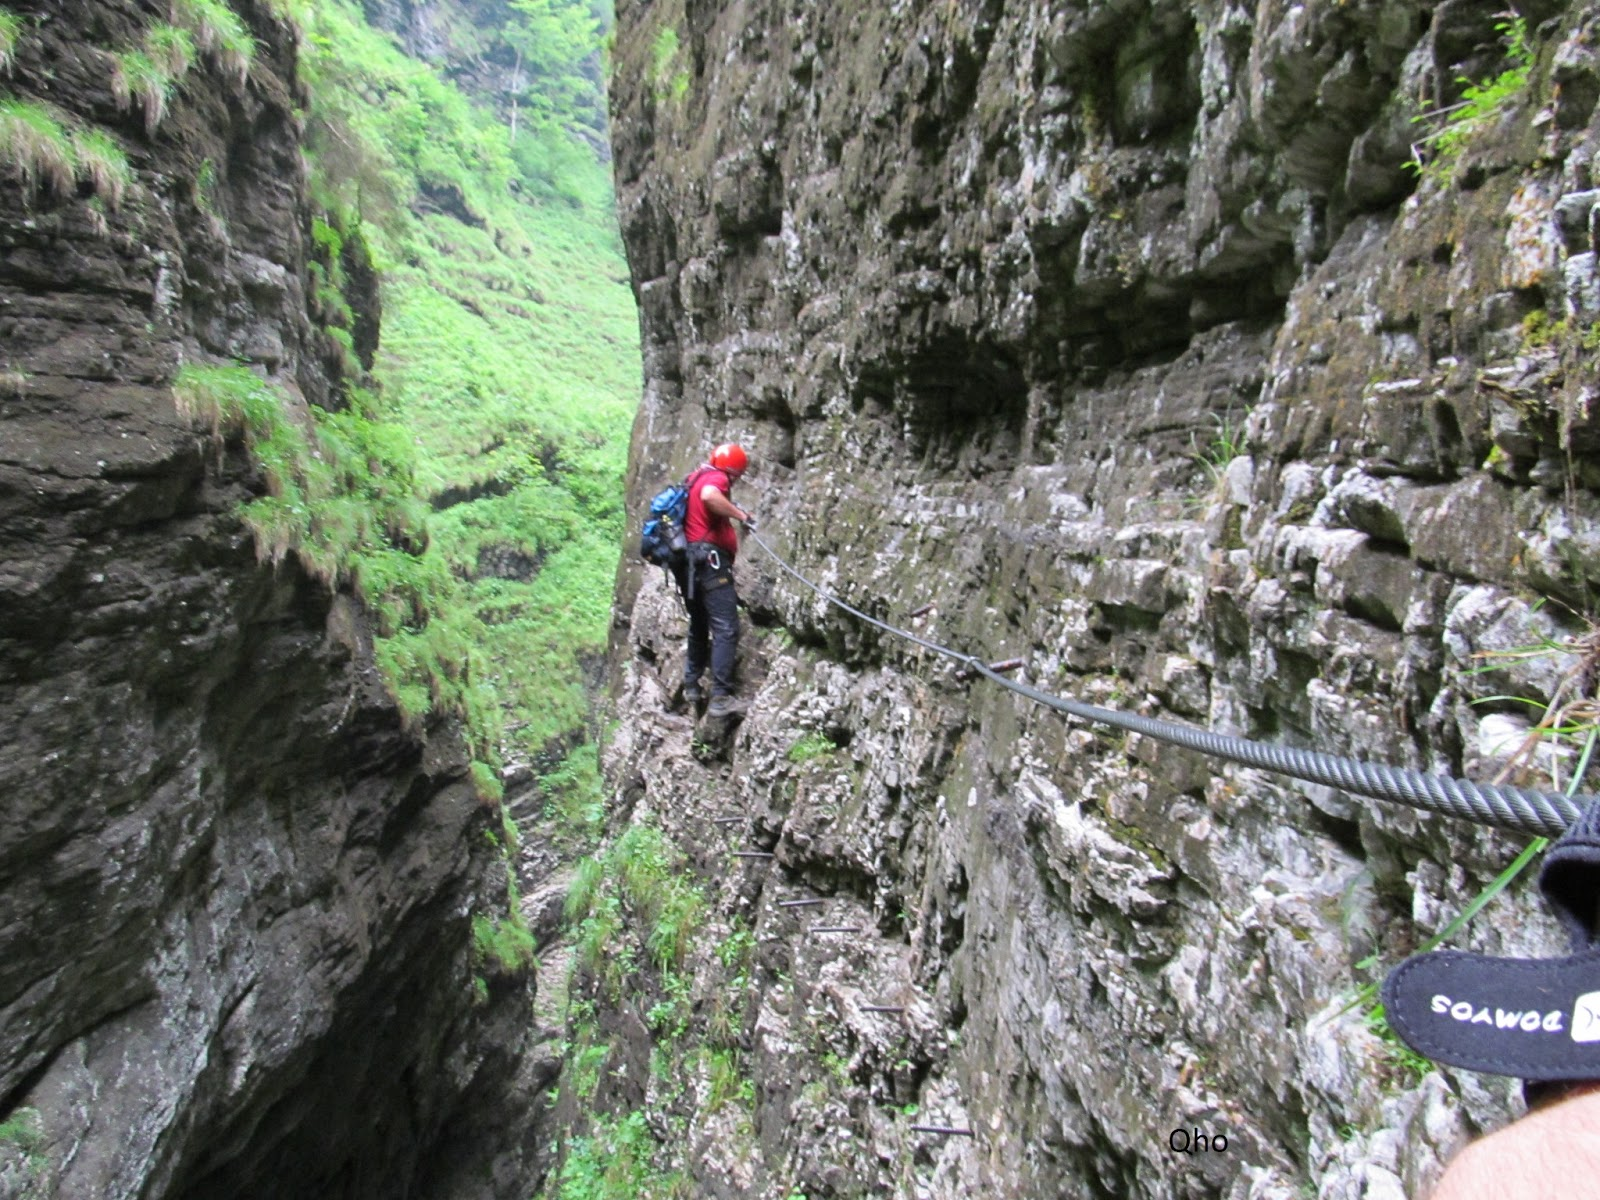 Klettersteig Postalmklamm : Bliżej nieba postalmklamm klettersteig